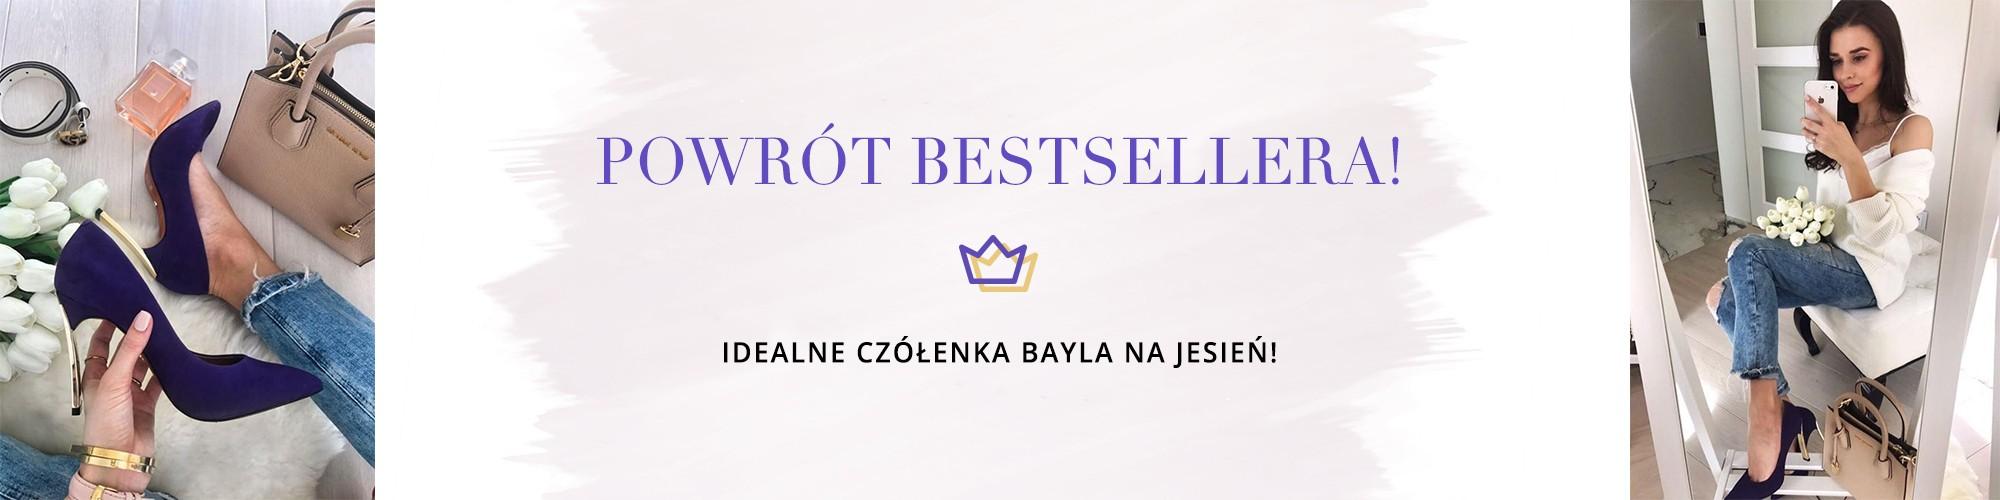 9 nowych kolorów bestsellerowych czółenek Bayla!